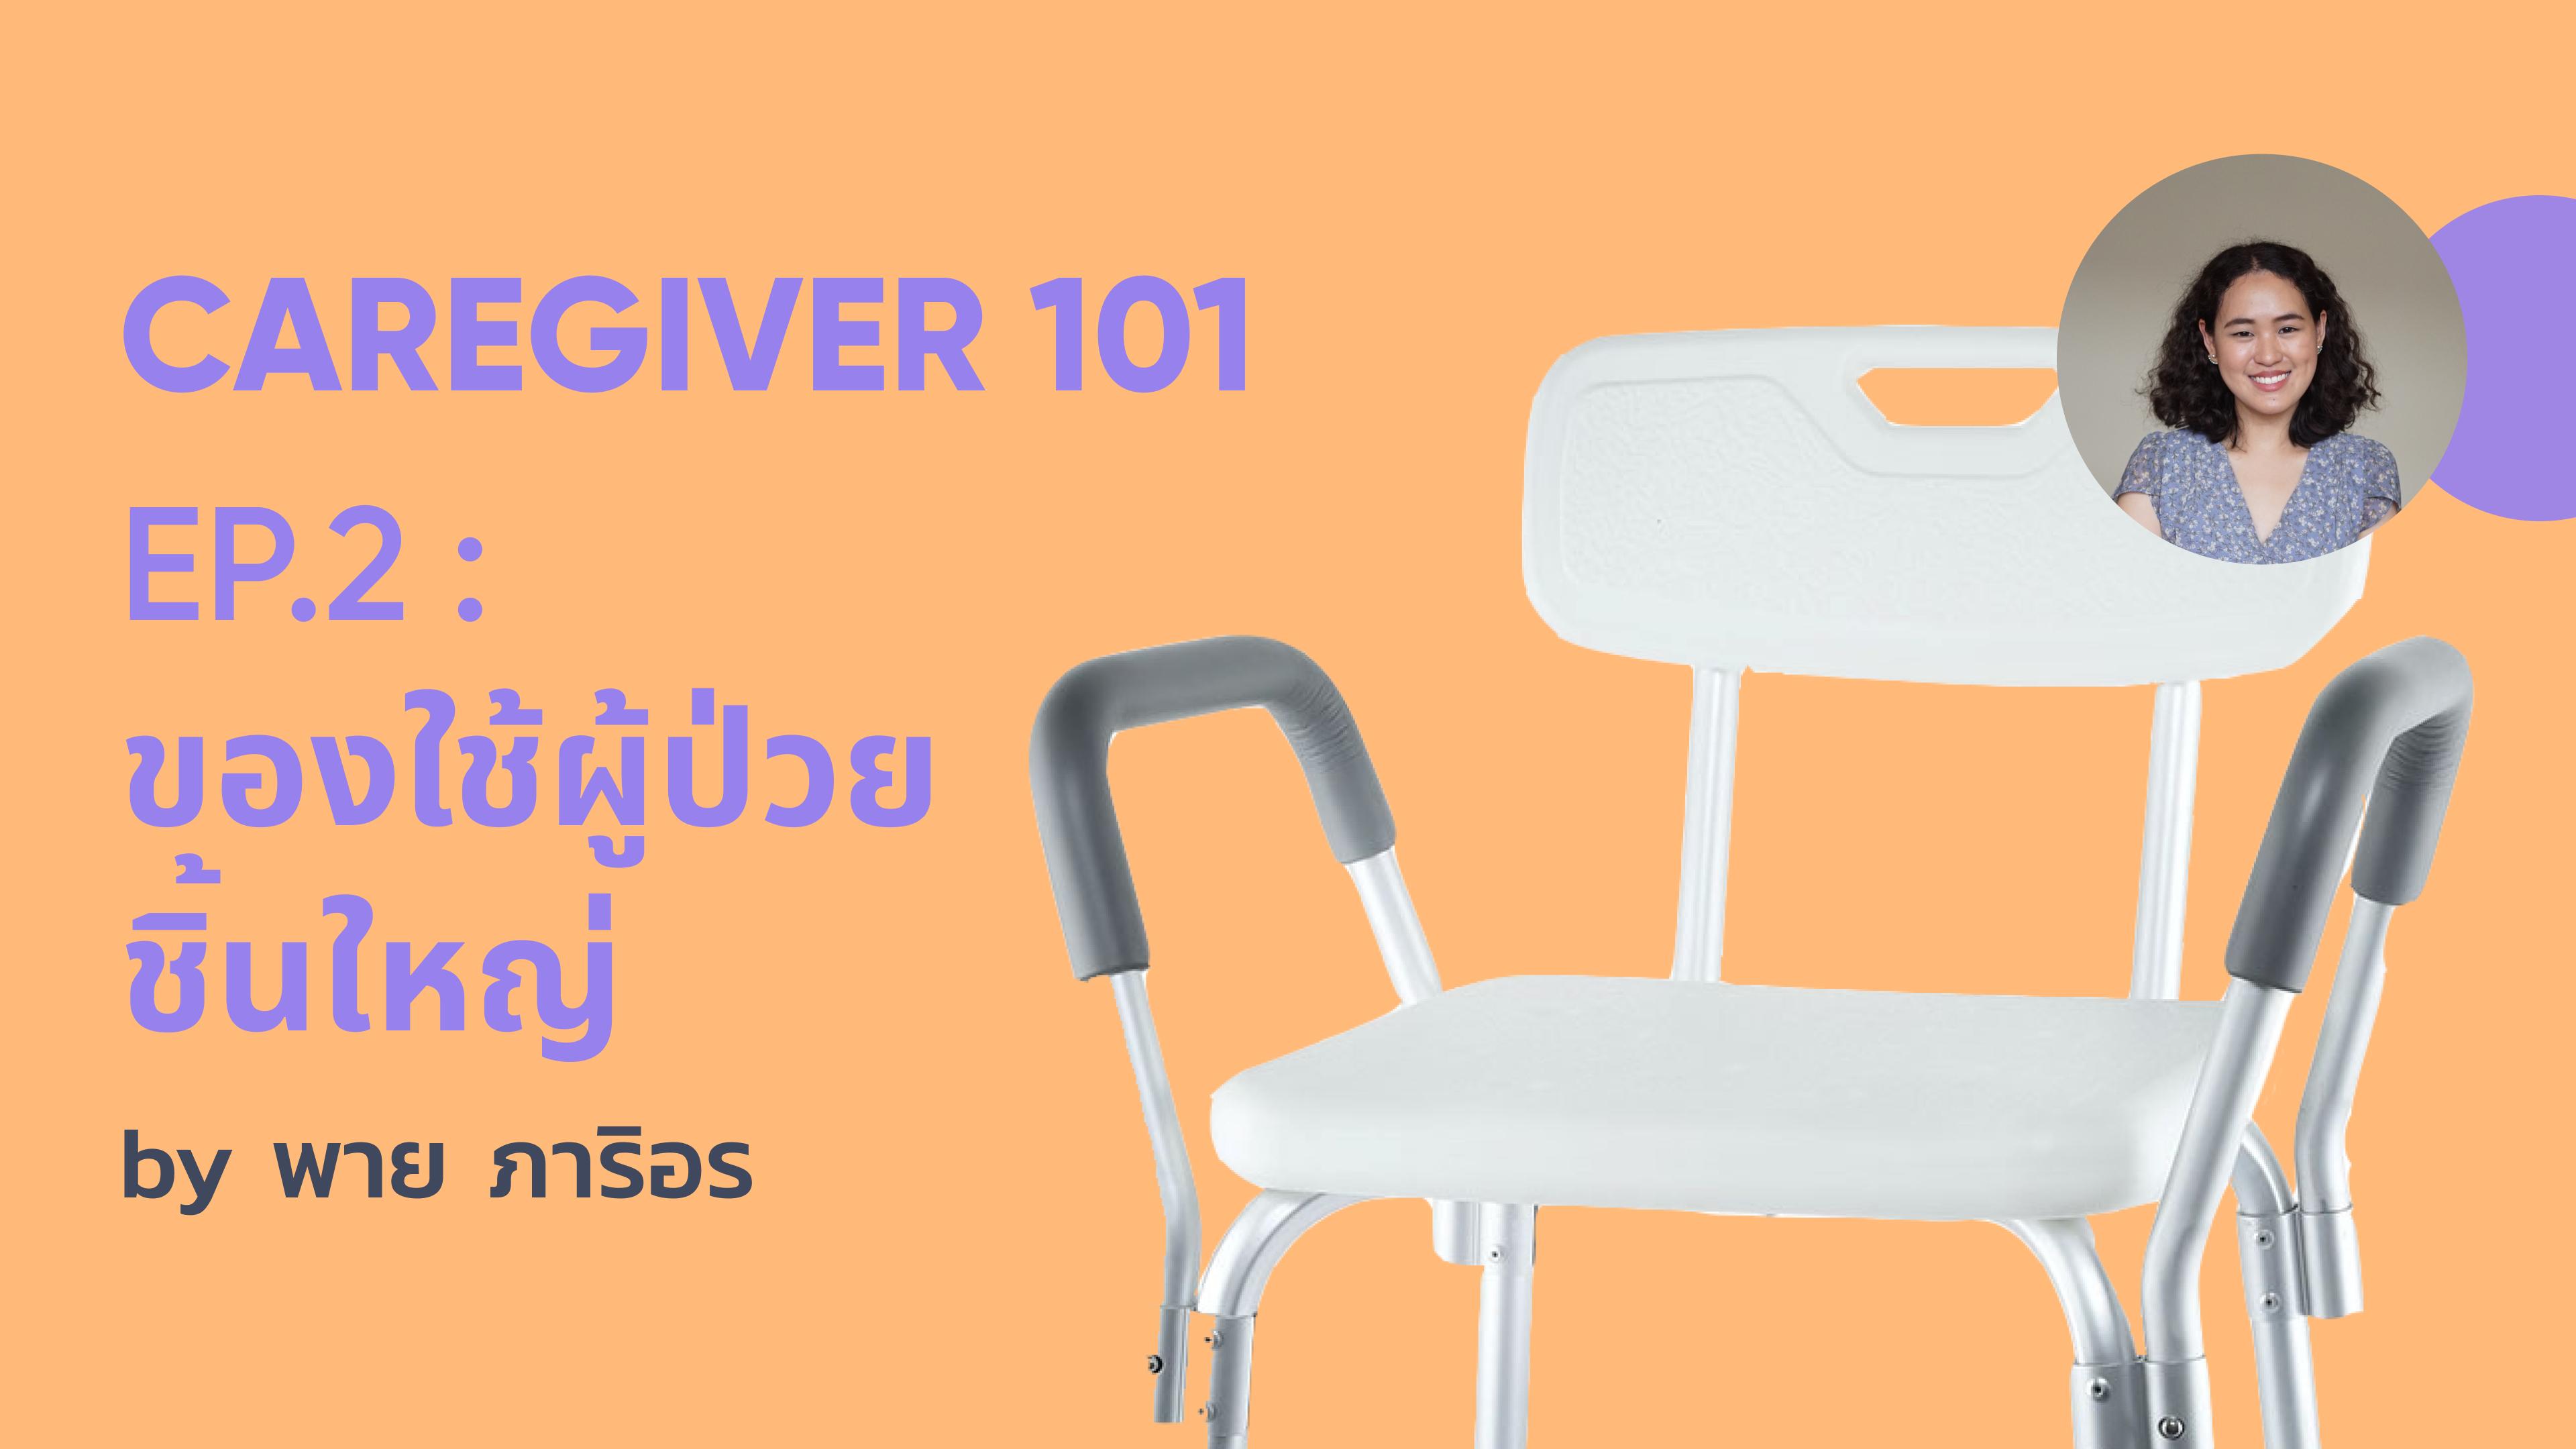 CAREGIVER 101 Ep. 2 : ของใช้ผู้ป่วยชิ้นใหญ่